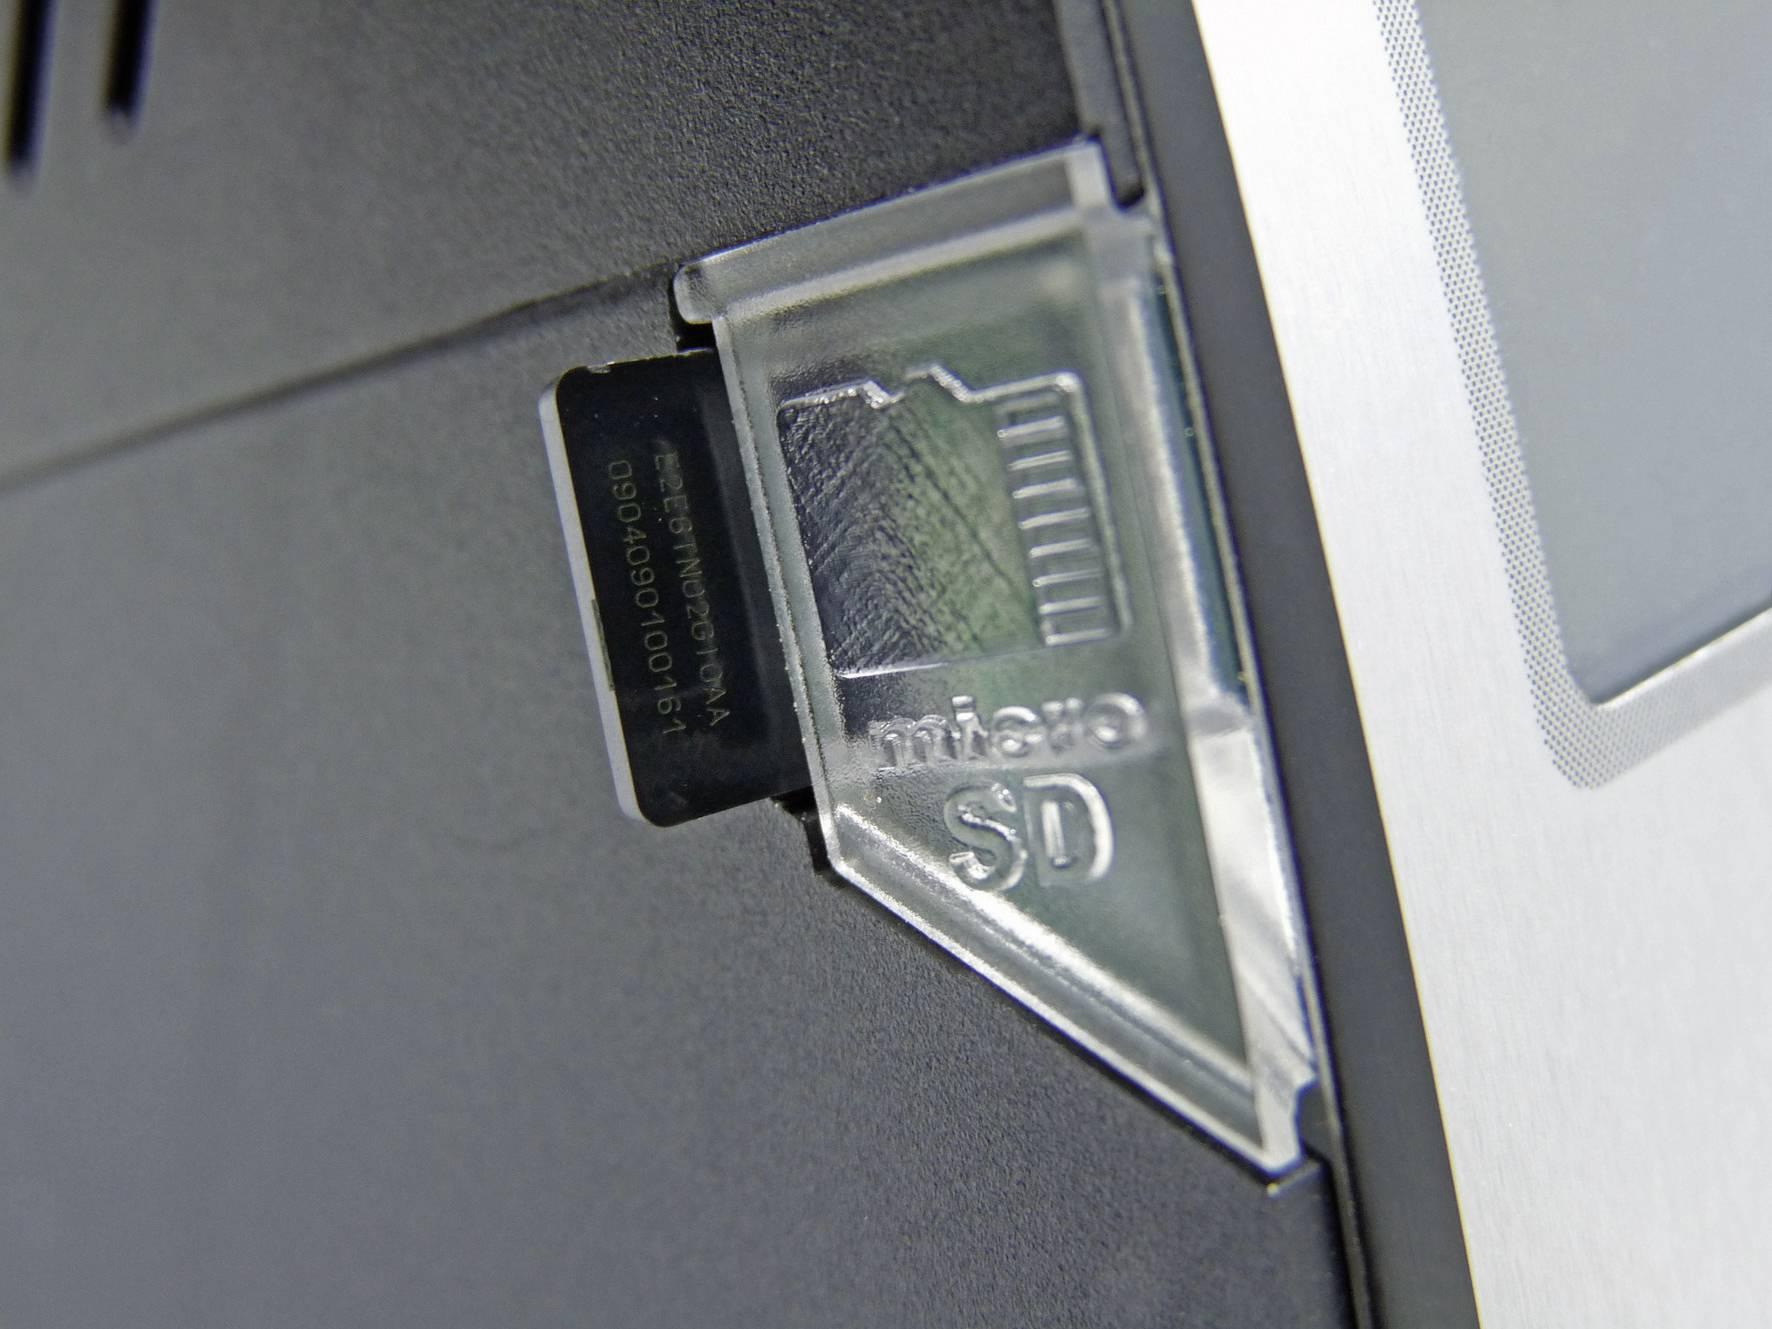 Spájkovacia stanica Ersa 0IC1200A, digitálne/y, 80 W, +150 do +450 °C